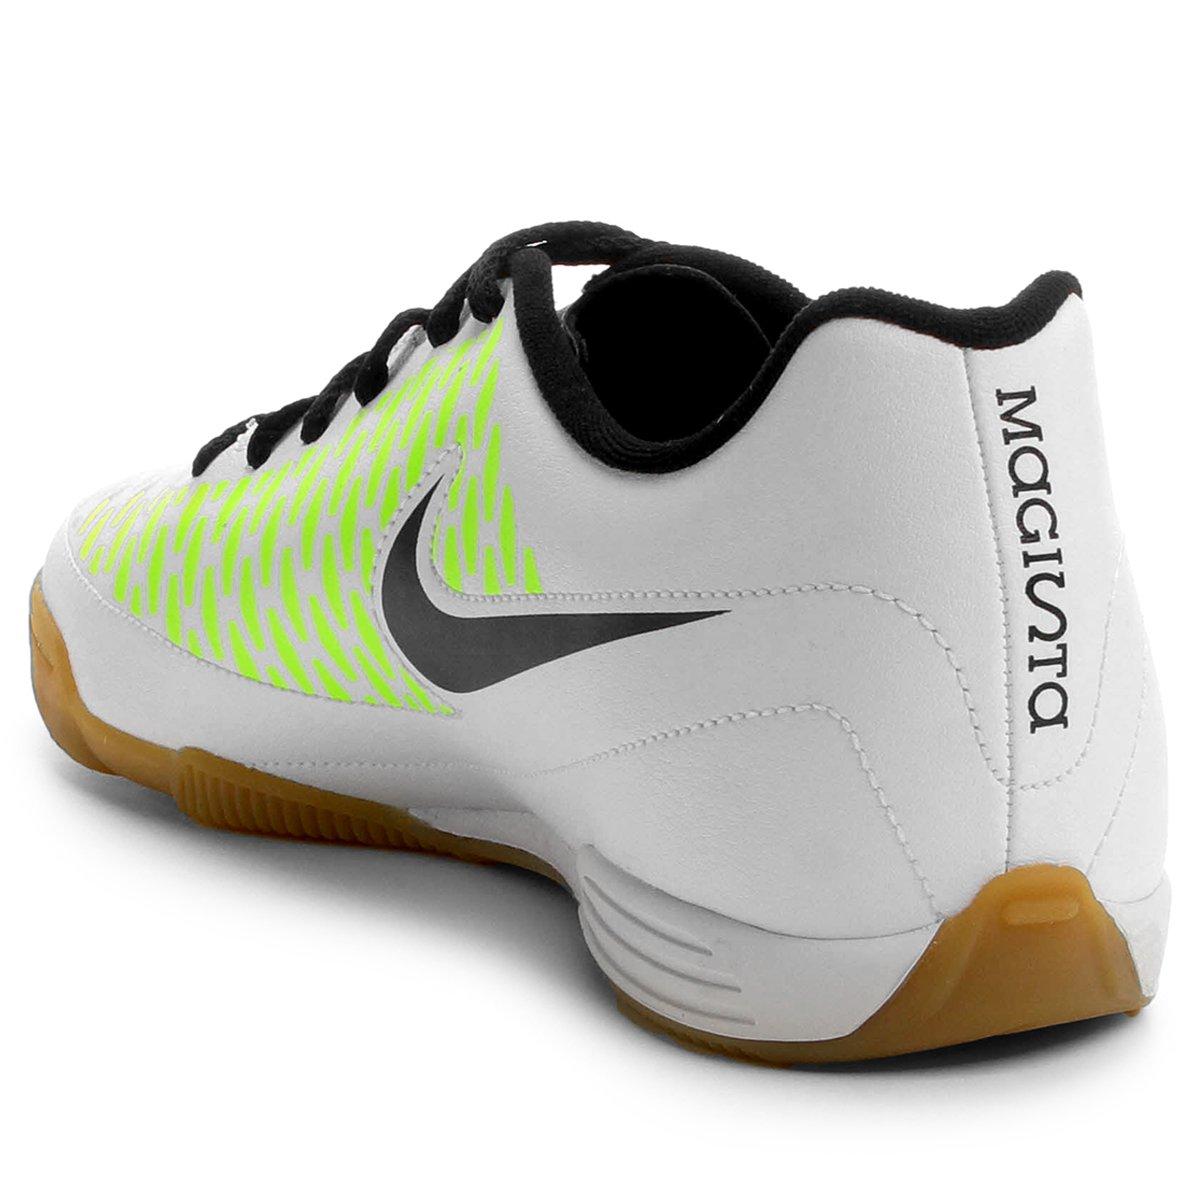 1a8c6f5510 Chuteira Nike Magista Ola IC Futsal - Compre Agora